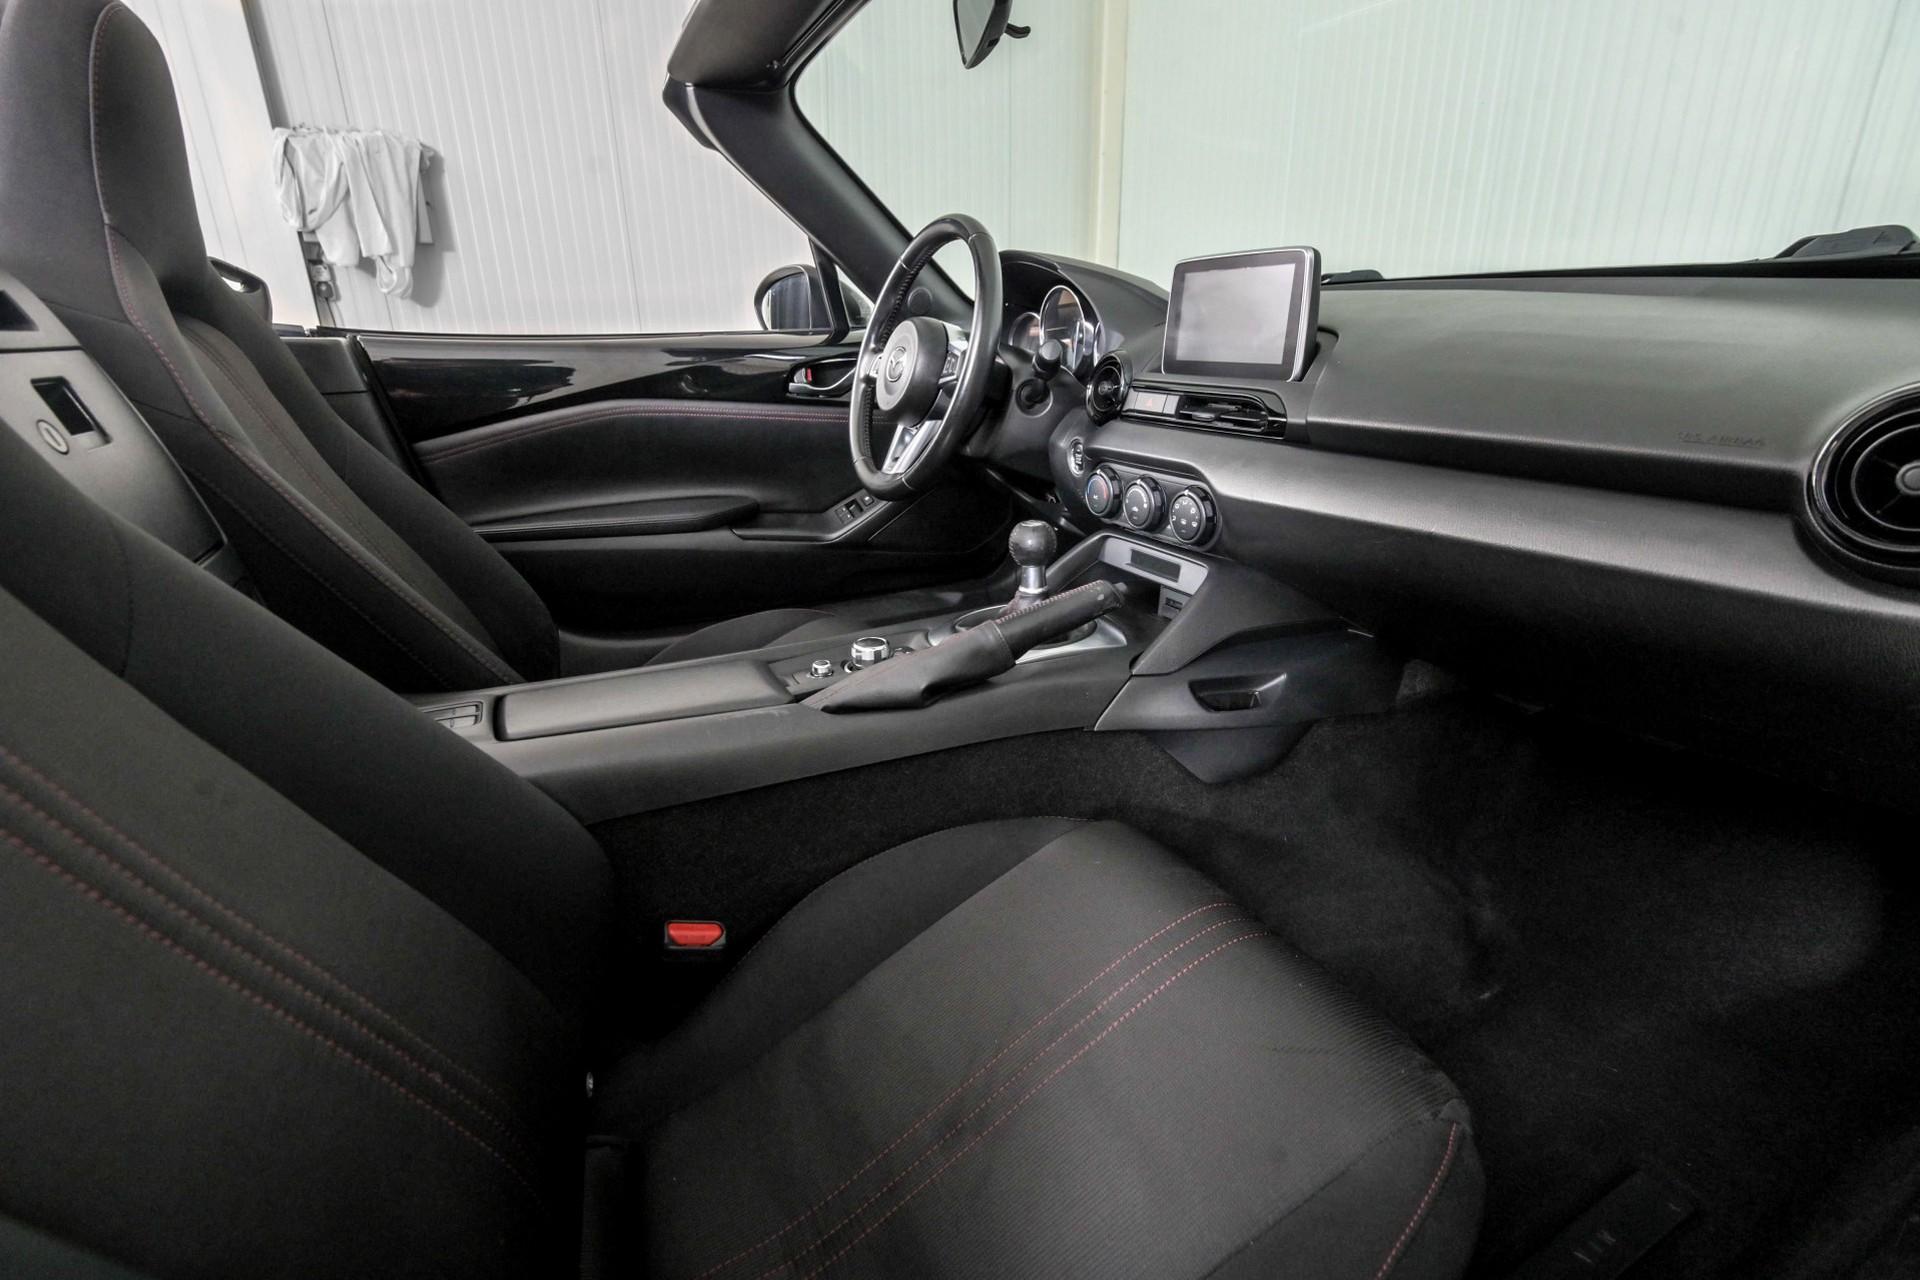 Mazda MX-5 1.5 SkyActiv-G 131 S Foto 12